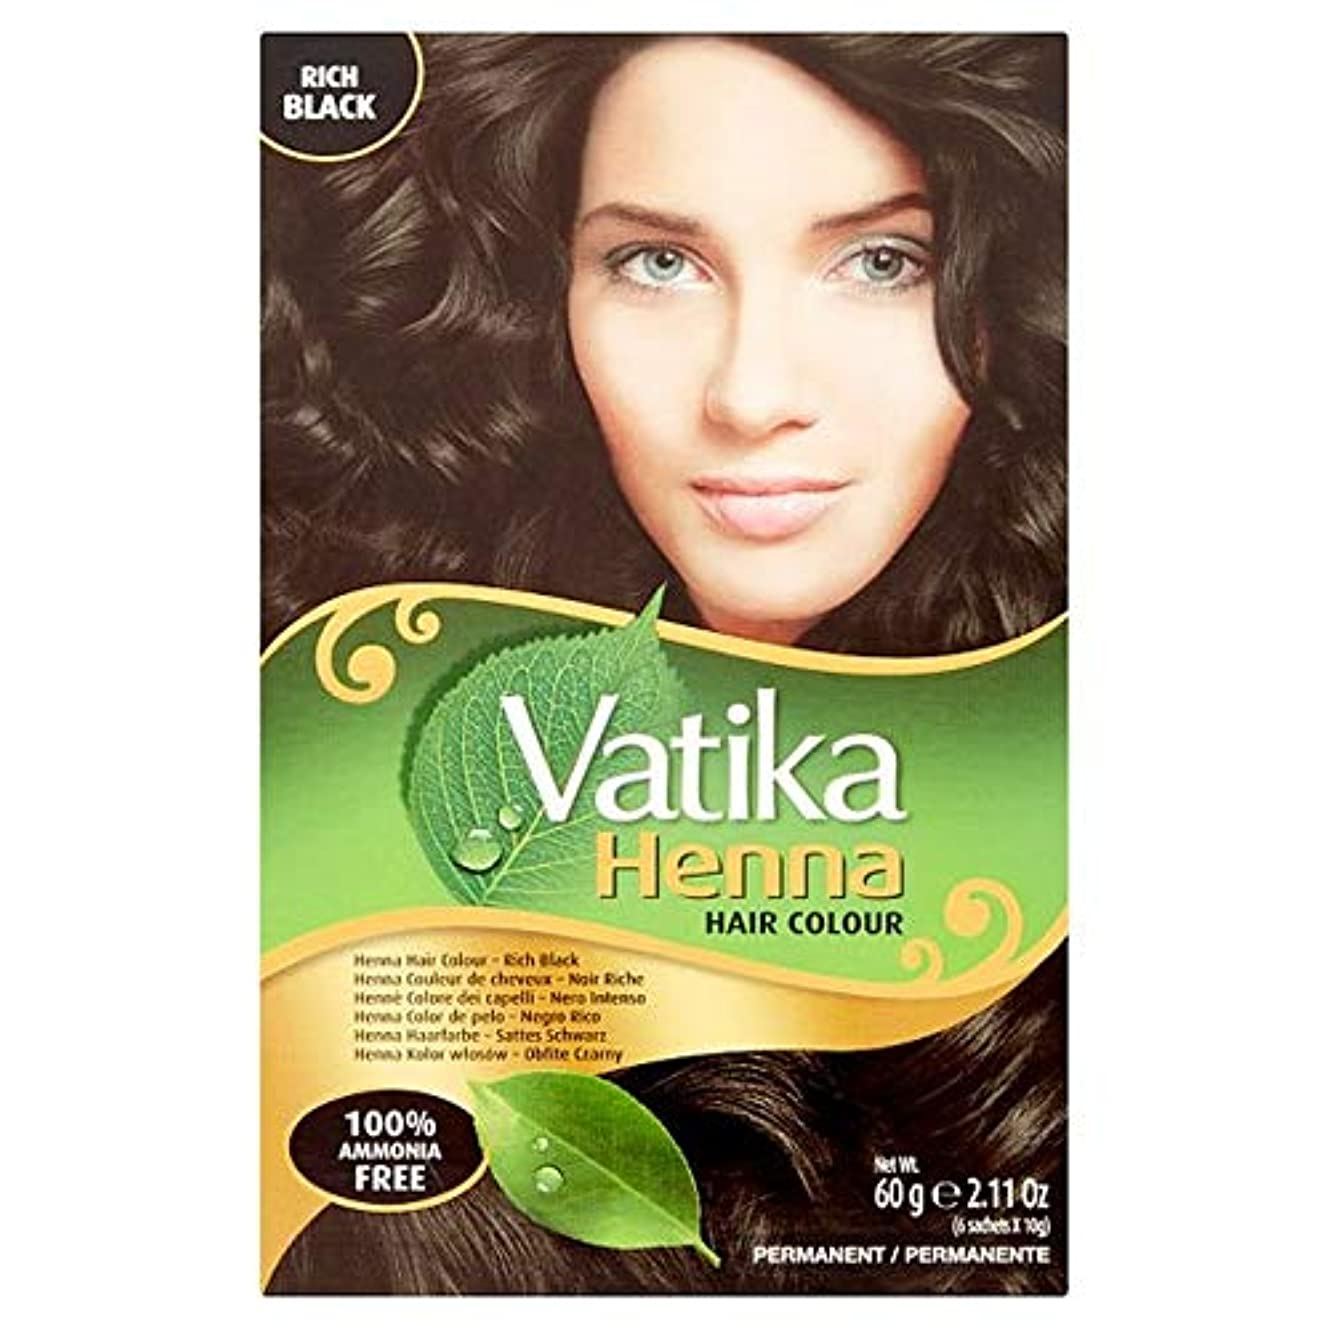 テント樹皮見て[Vatika] ヘナヘアカラーナチュラル、黒 - Henna Hair Colour Natural-Black [並行輸入品]